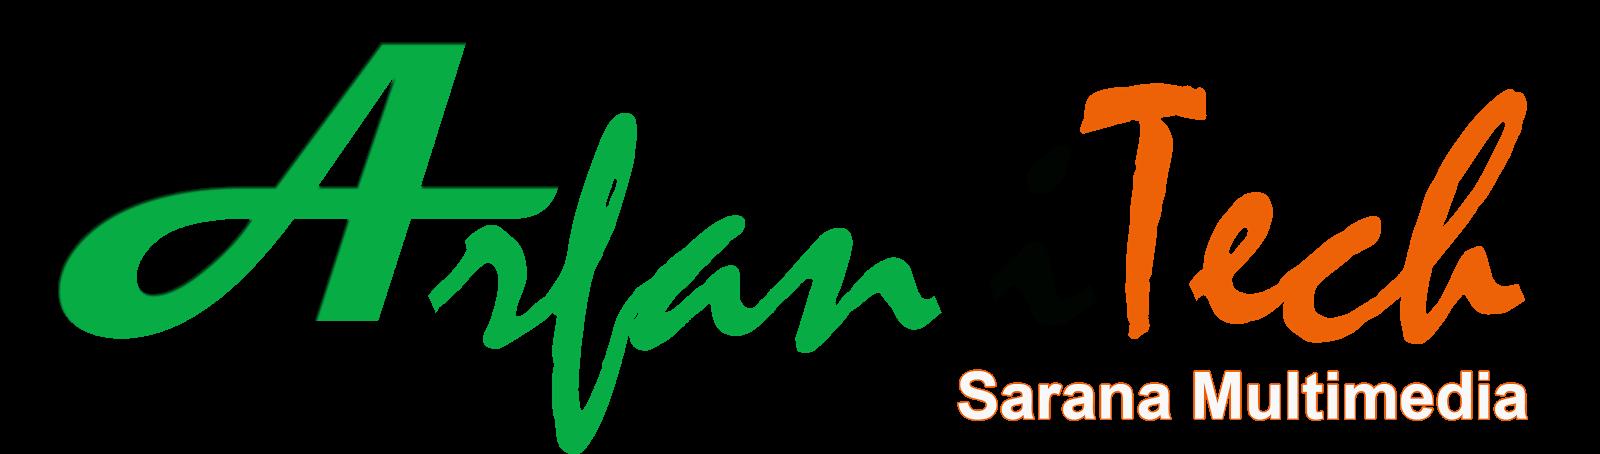 Arfan iTech - Batam